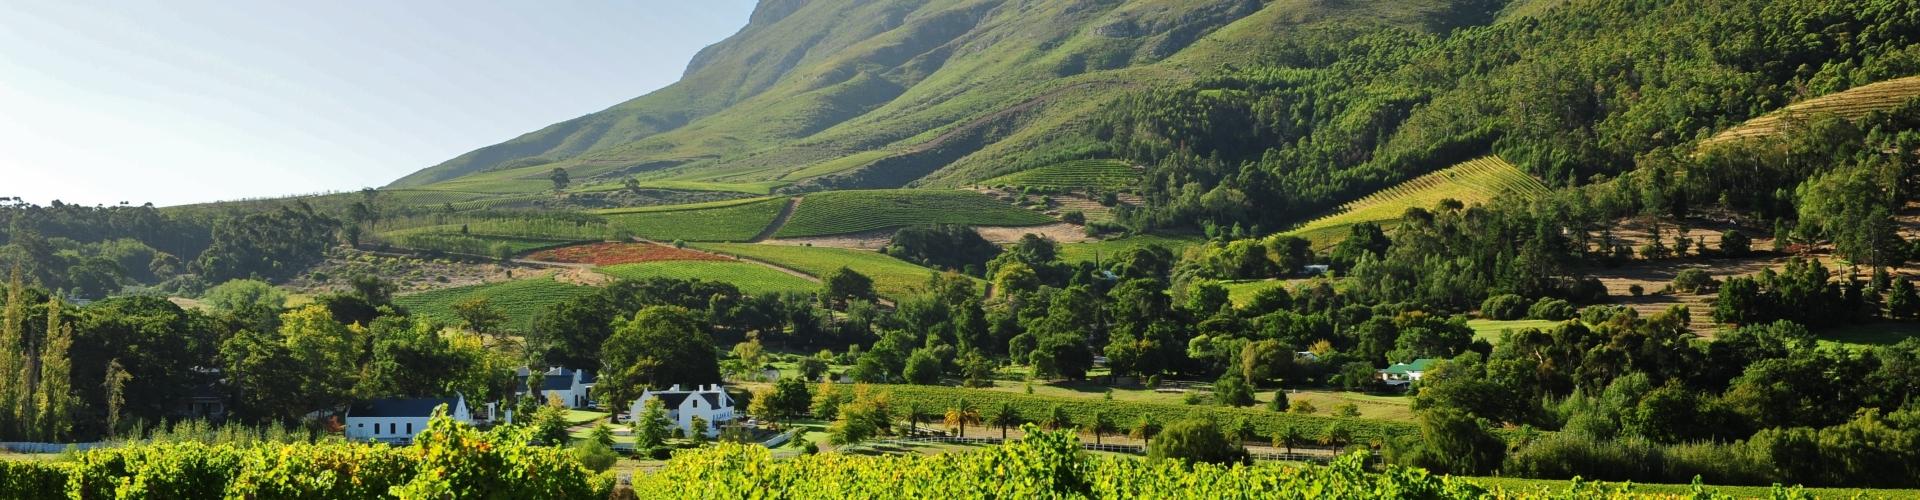 helicopter-tours-in-zuid-afrika-franschhoek-wijnlanden